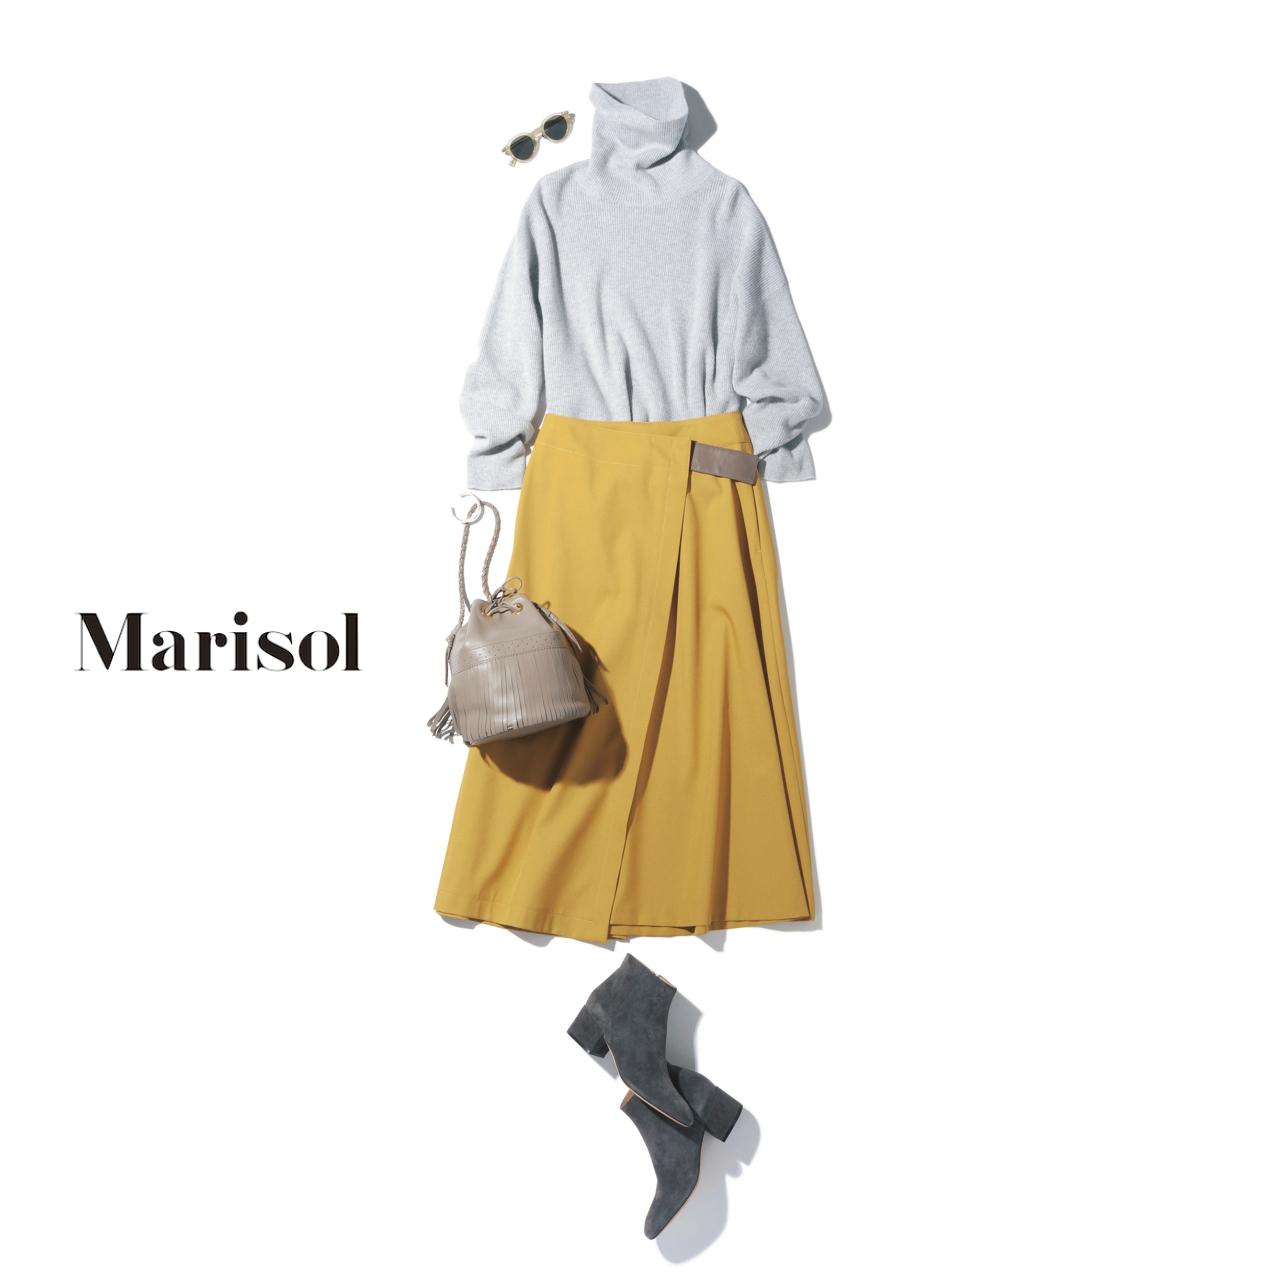 40代ファッション グレーニット×イエロースカートコーデ